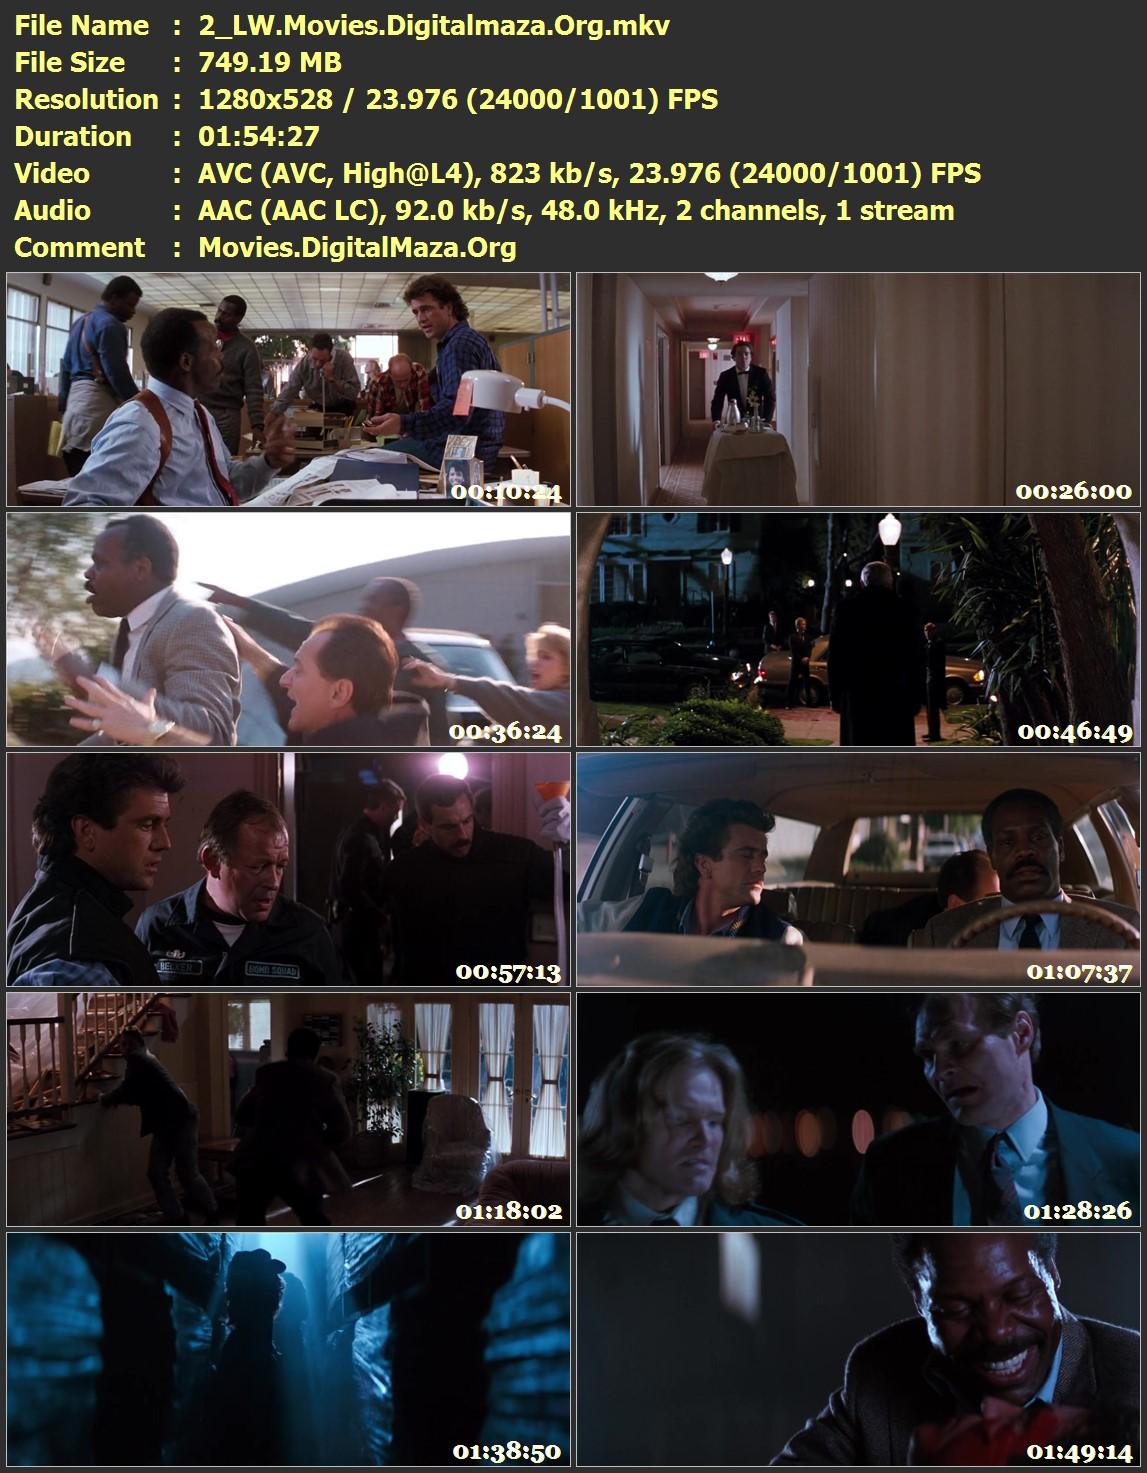 https://image.ibb.co/nCiYTH/2_LW_Movies_Digitalmaza_Org_mkv.jpg